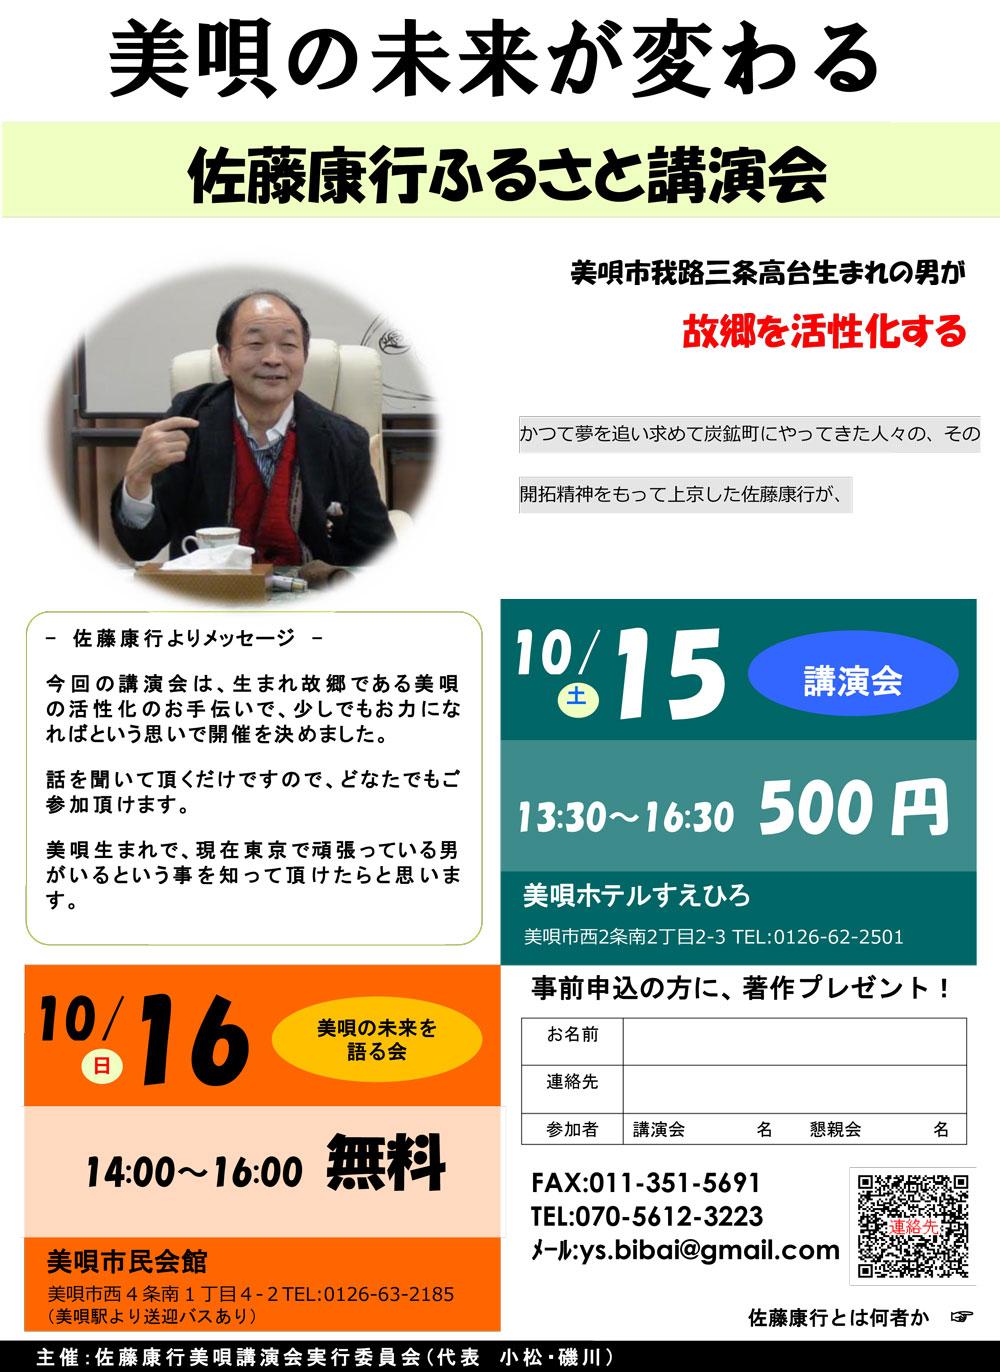 佐藤康行ふるさと講演会